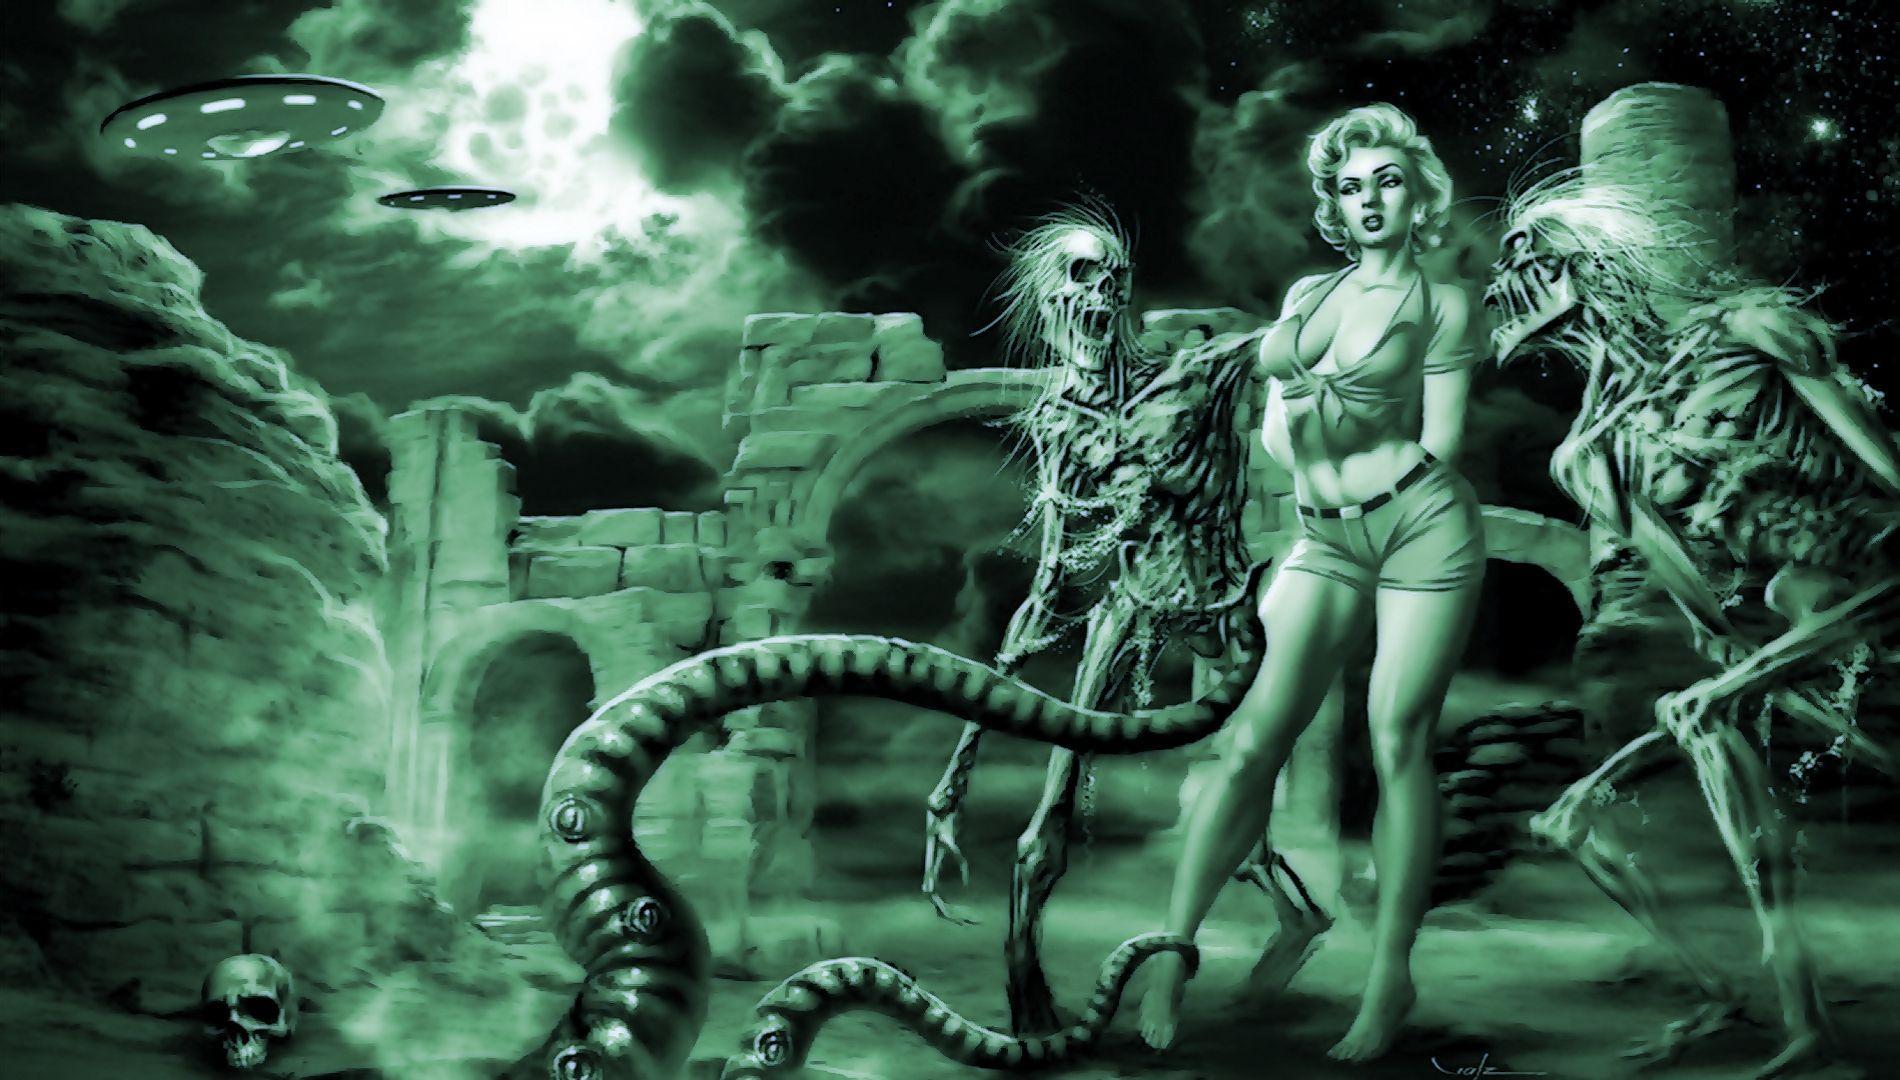 Halloween Skeleton Wallpaper.Horror Skeleton Wallpapers Wallpaper Cave